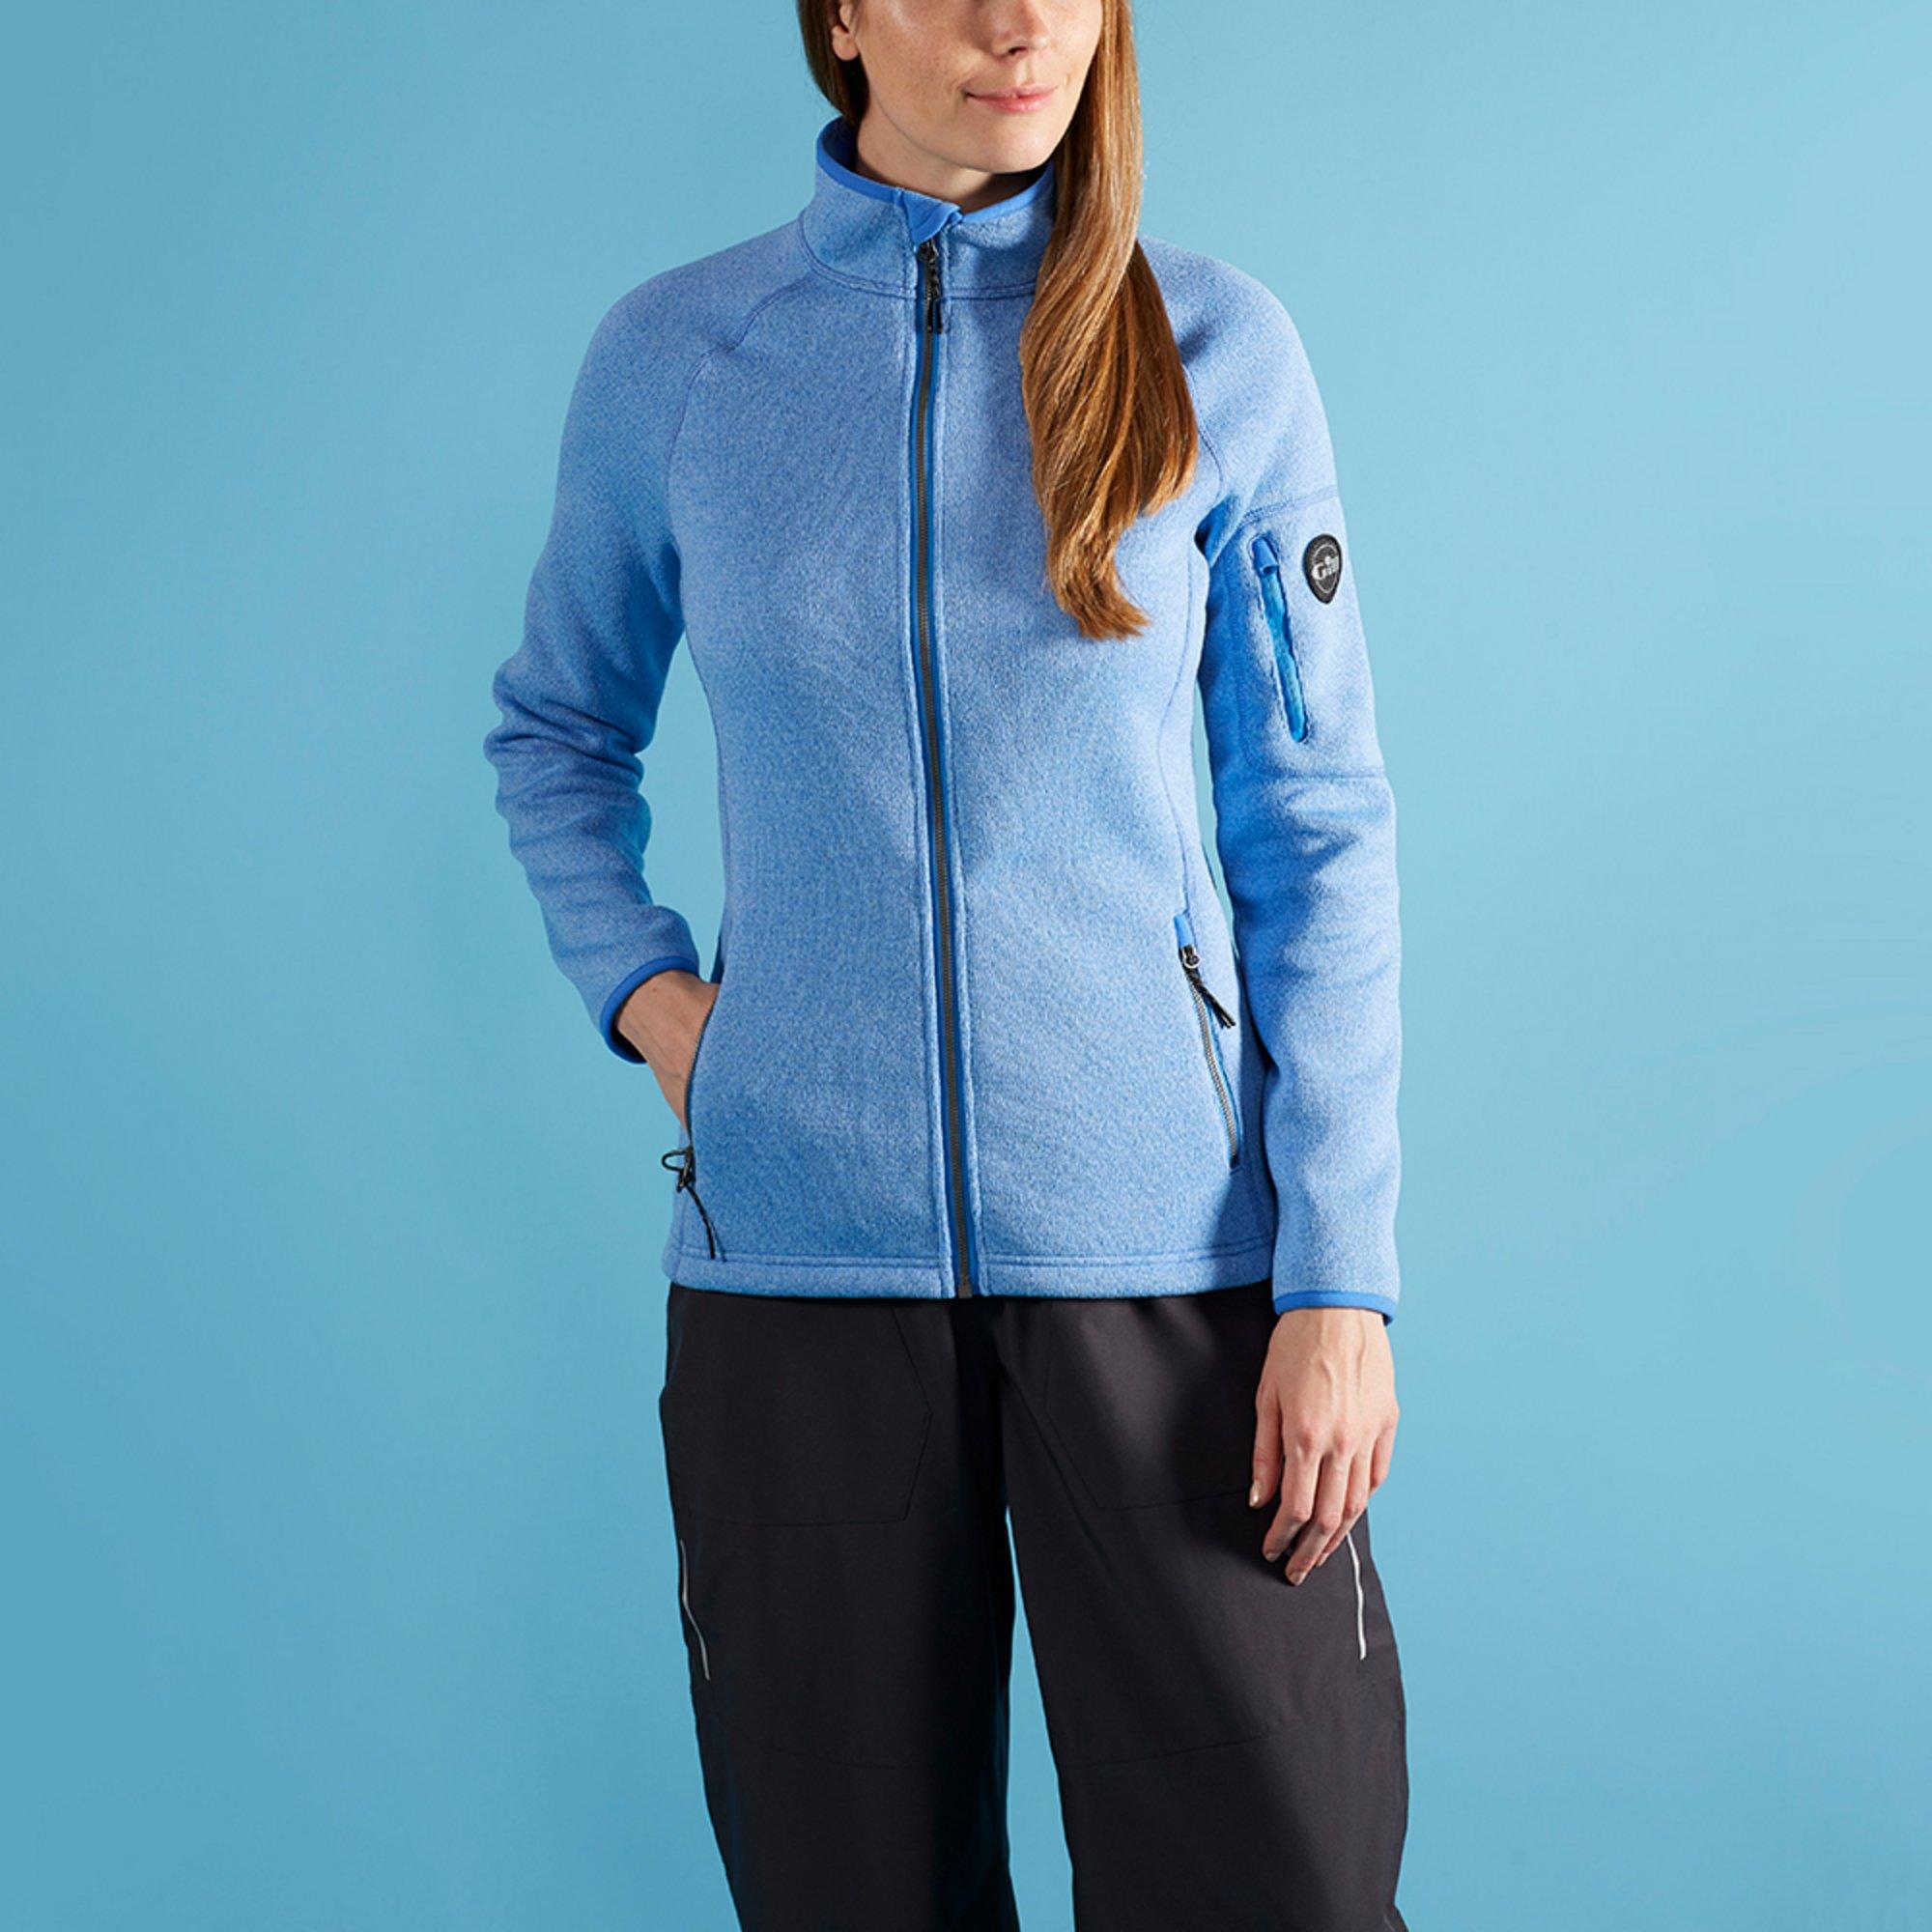 Women's Knit Fleece Jacket - 1493W-BLU18-MODEL-1.jpg